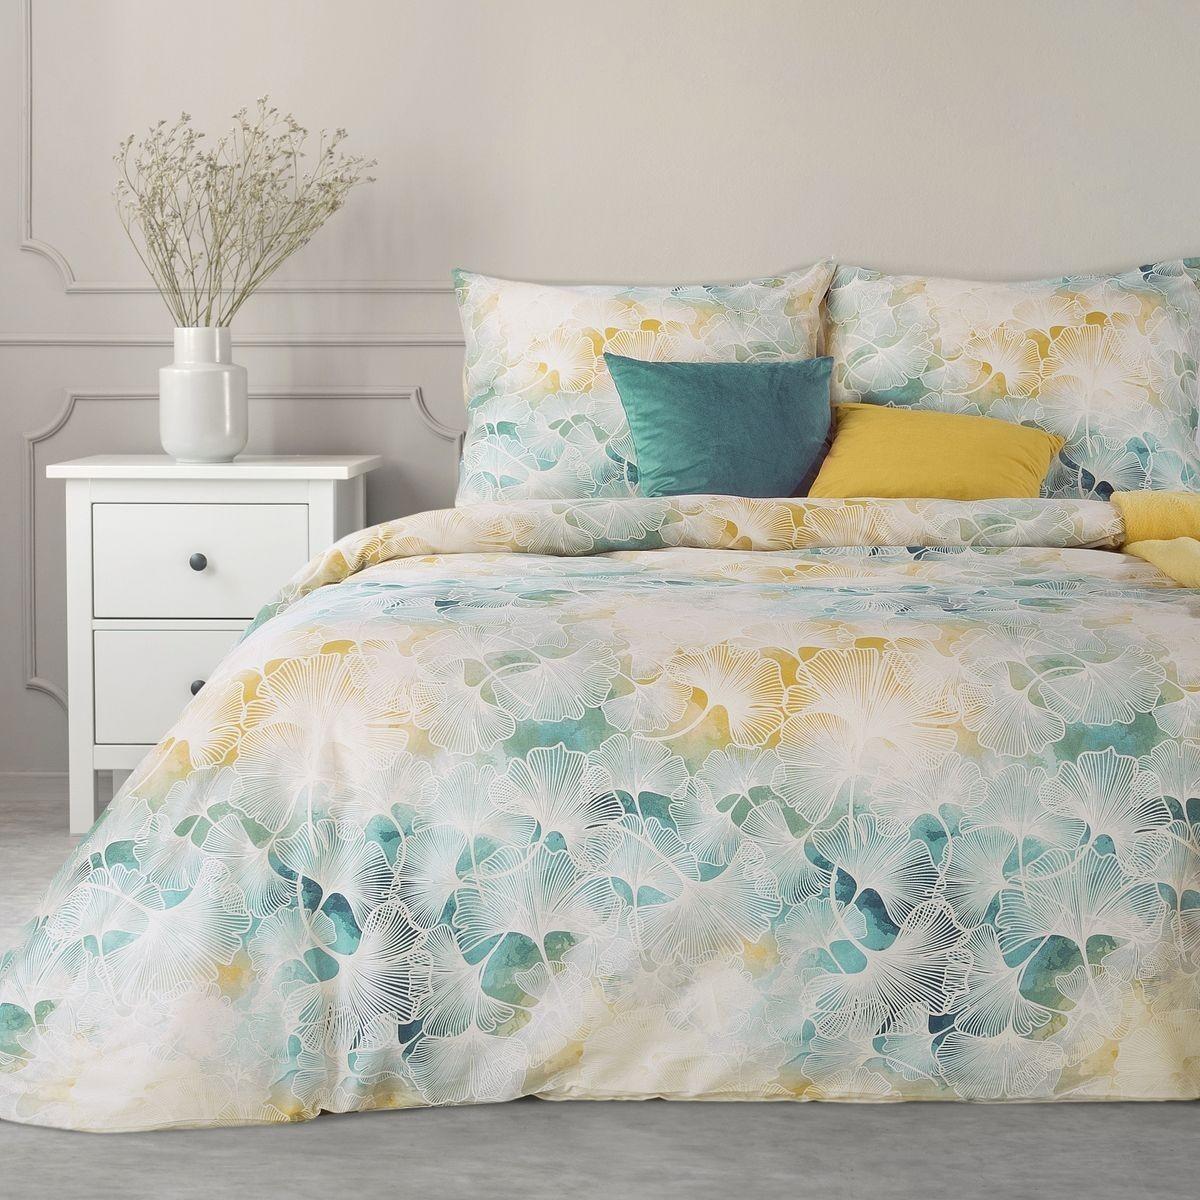 DomTextilu Exkluzívne krémové bavlnené posteľné obliečkys farebným ombré efektom 3 časti: 1ks 200x220 + 2ks 70x80 krémová 3 časti: 1ks 200x220 + 2ks 70x80 44581-208356